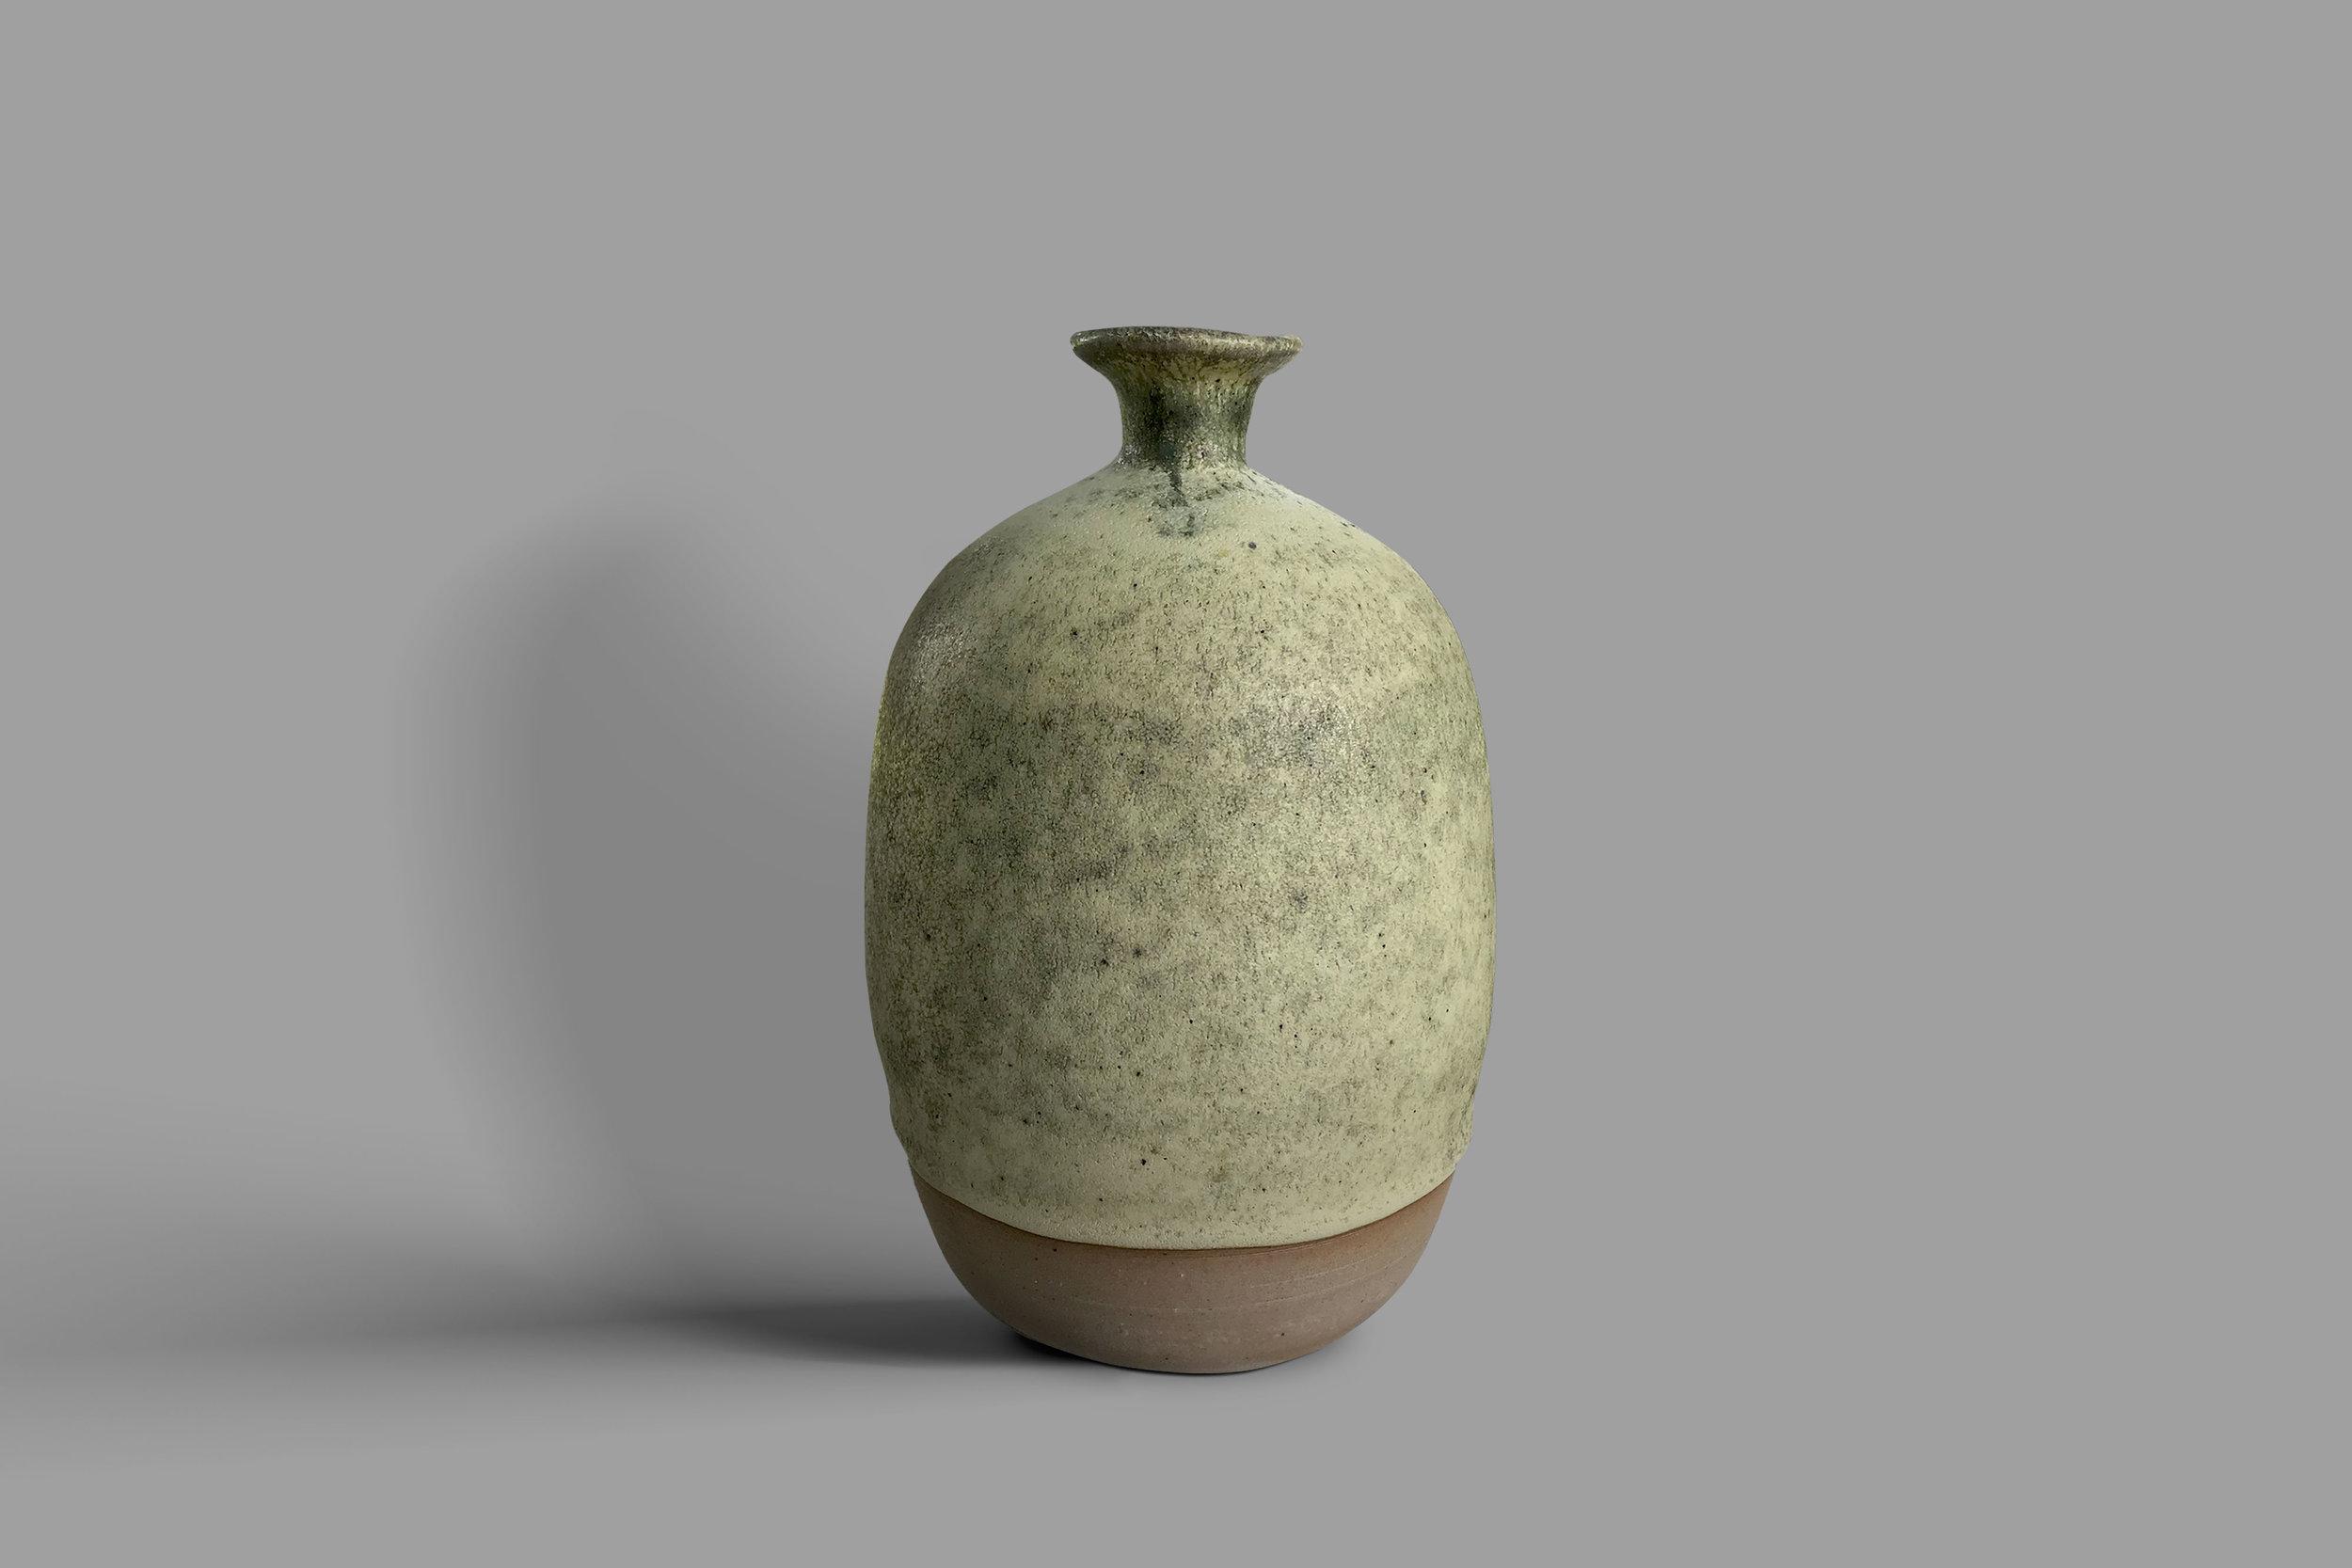 James_Rivas_Ceramics_Inkwell_Bottle.jpg